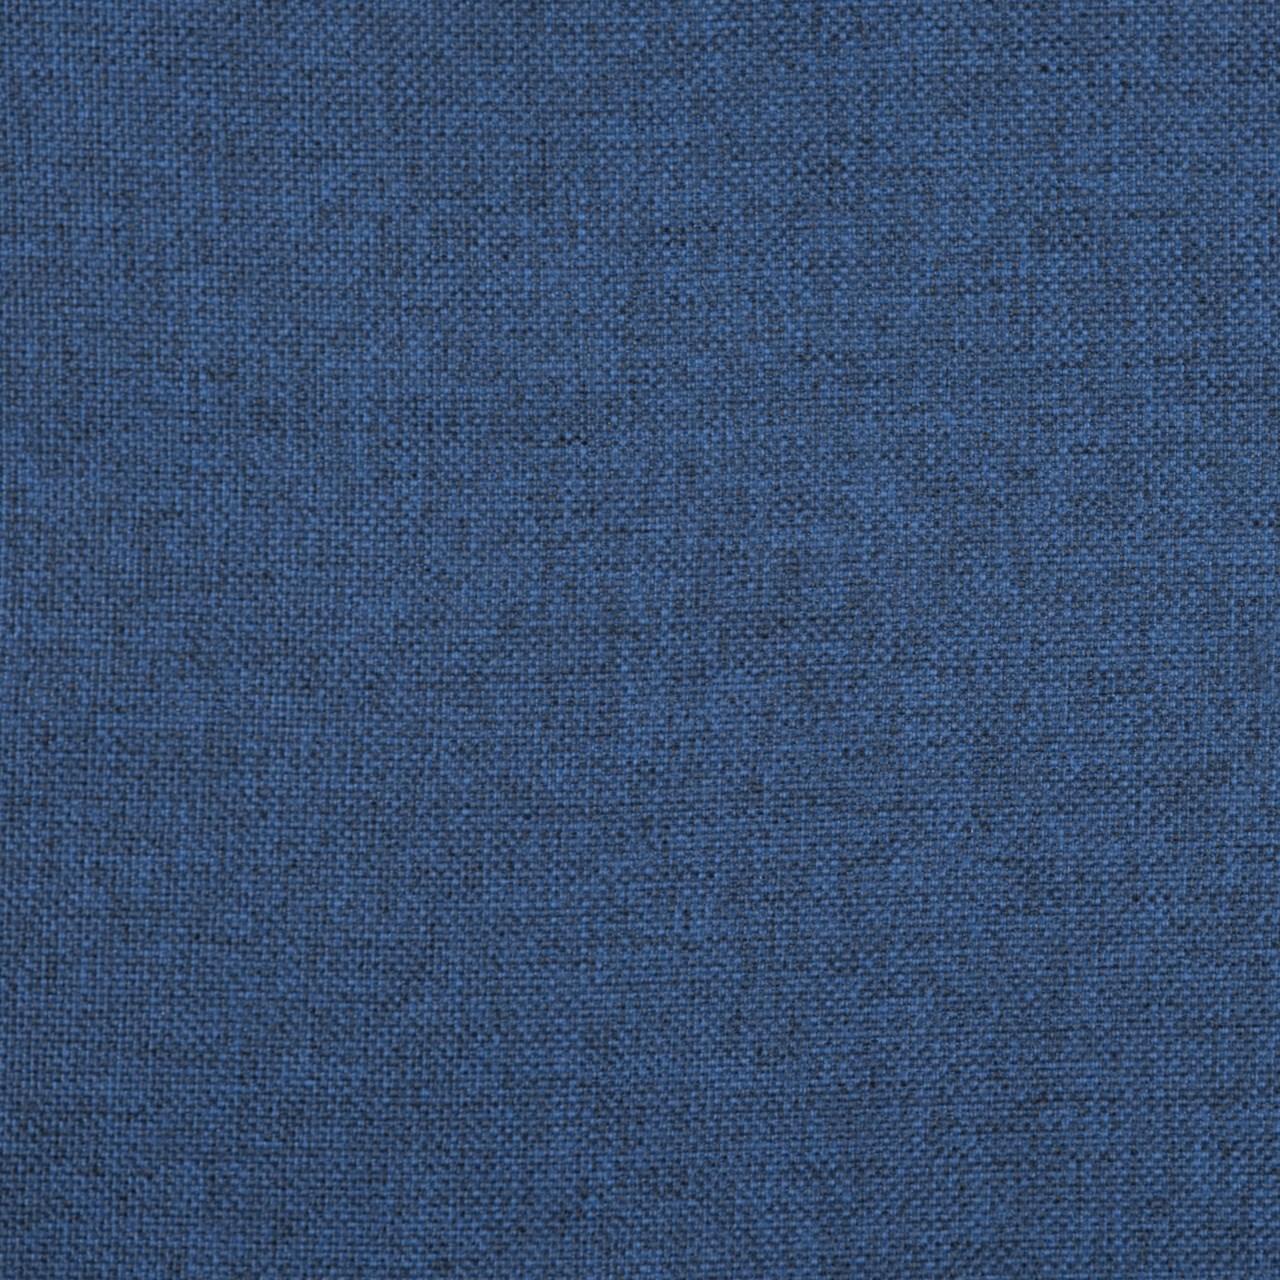 پارچه مبلی بایا مدل اسپرت ملانژ B424-34